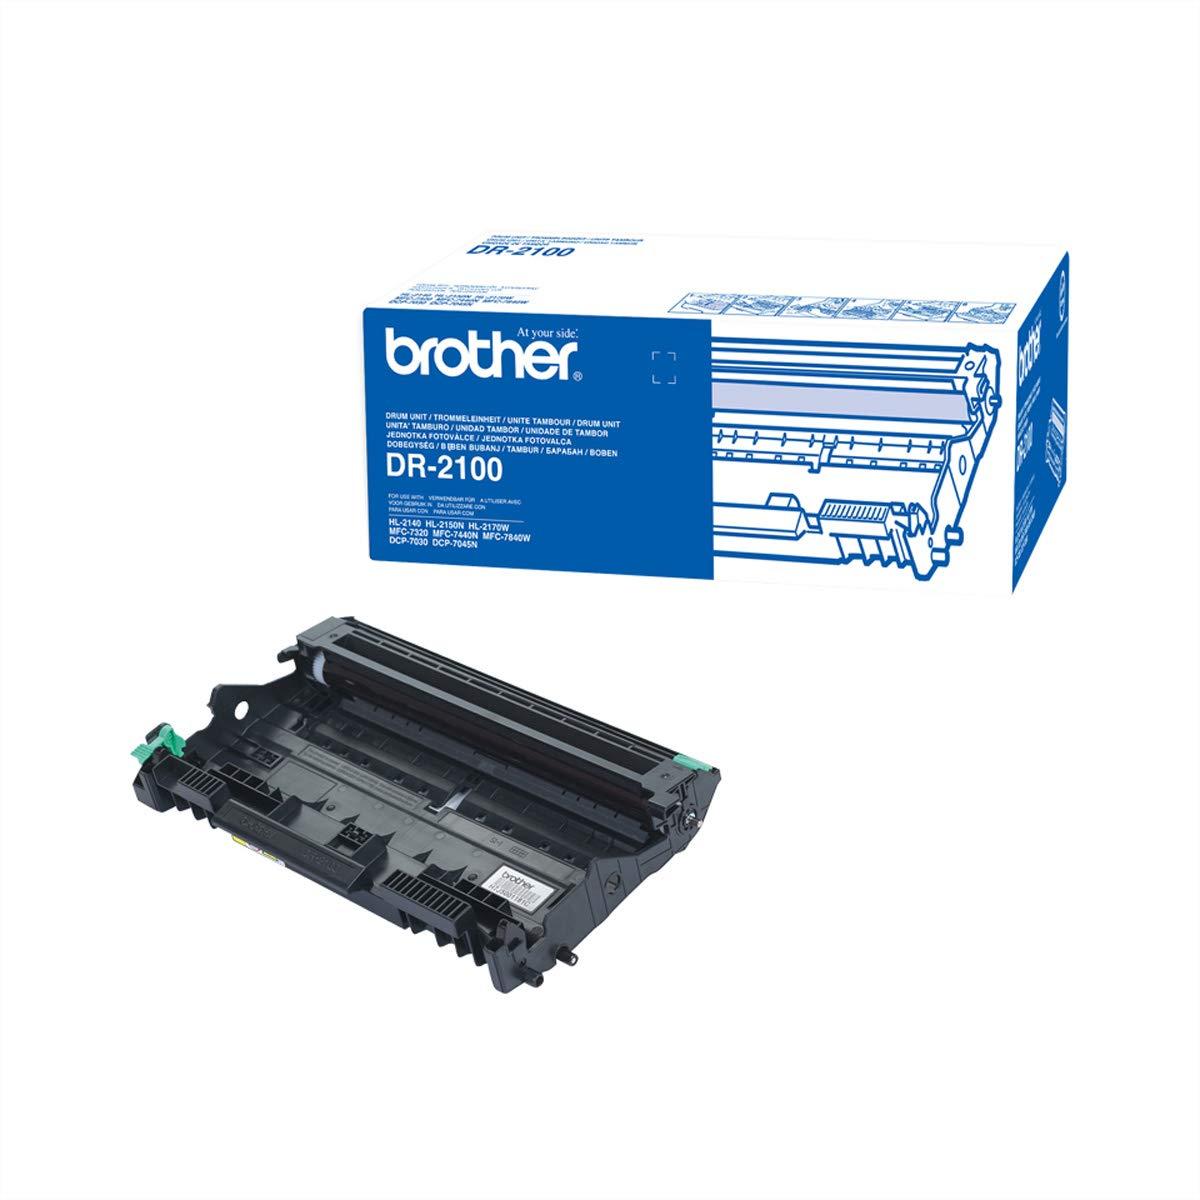 Brother DR2100 - Tambor para Impresora (duración Estimada: 12.000 ...